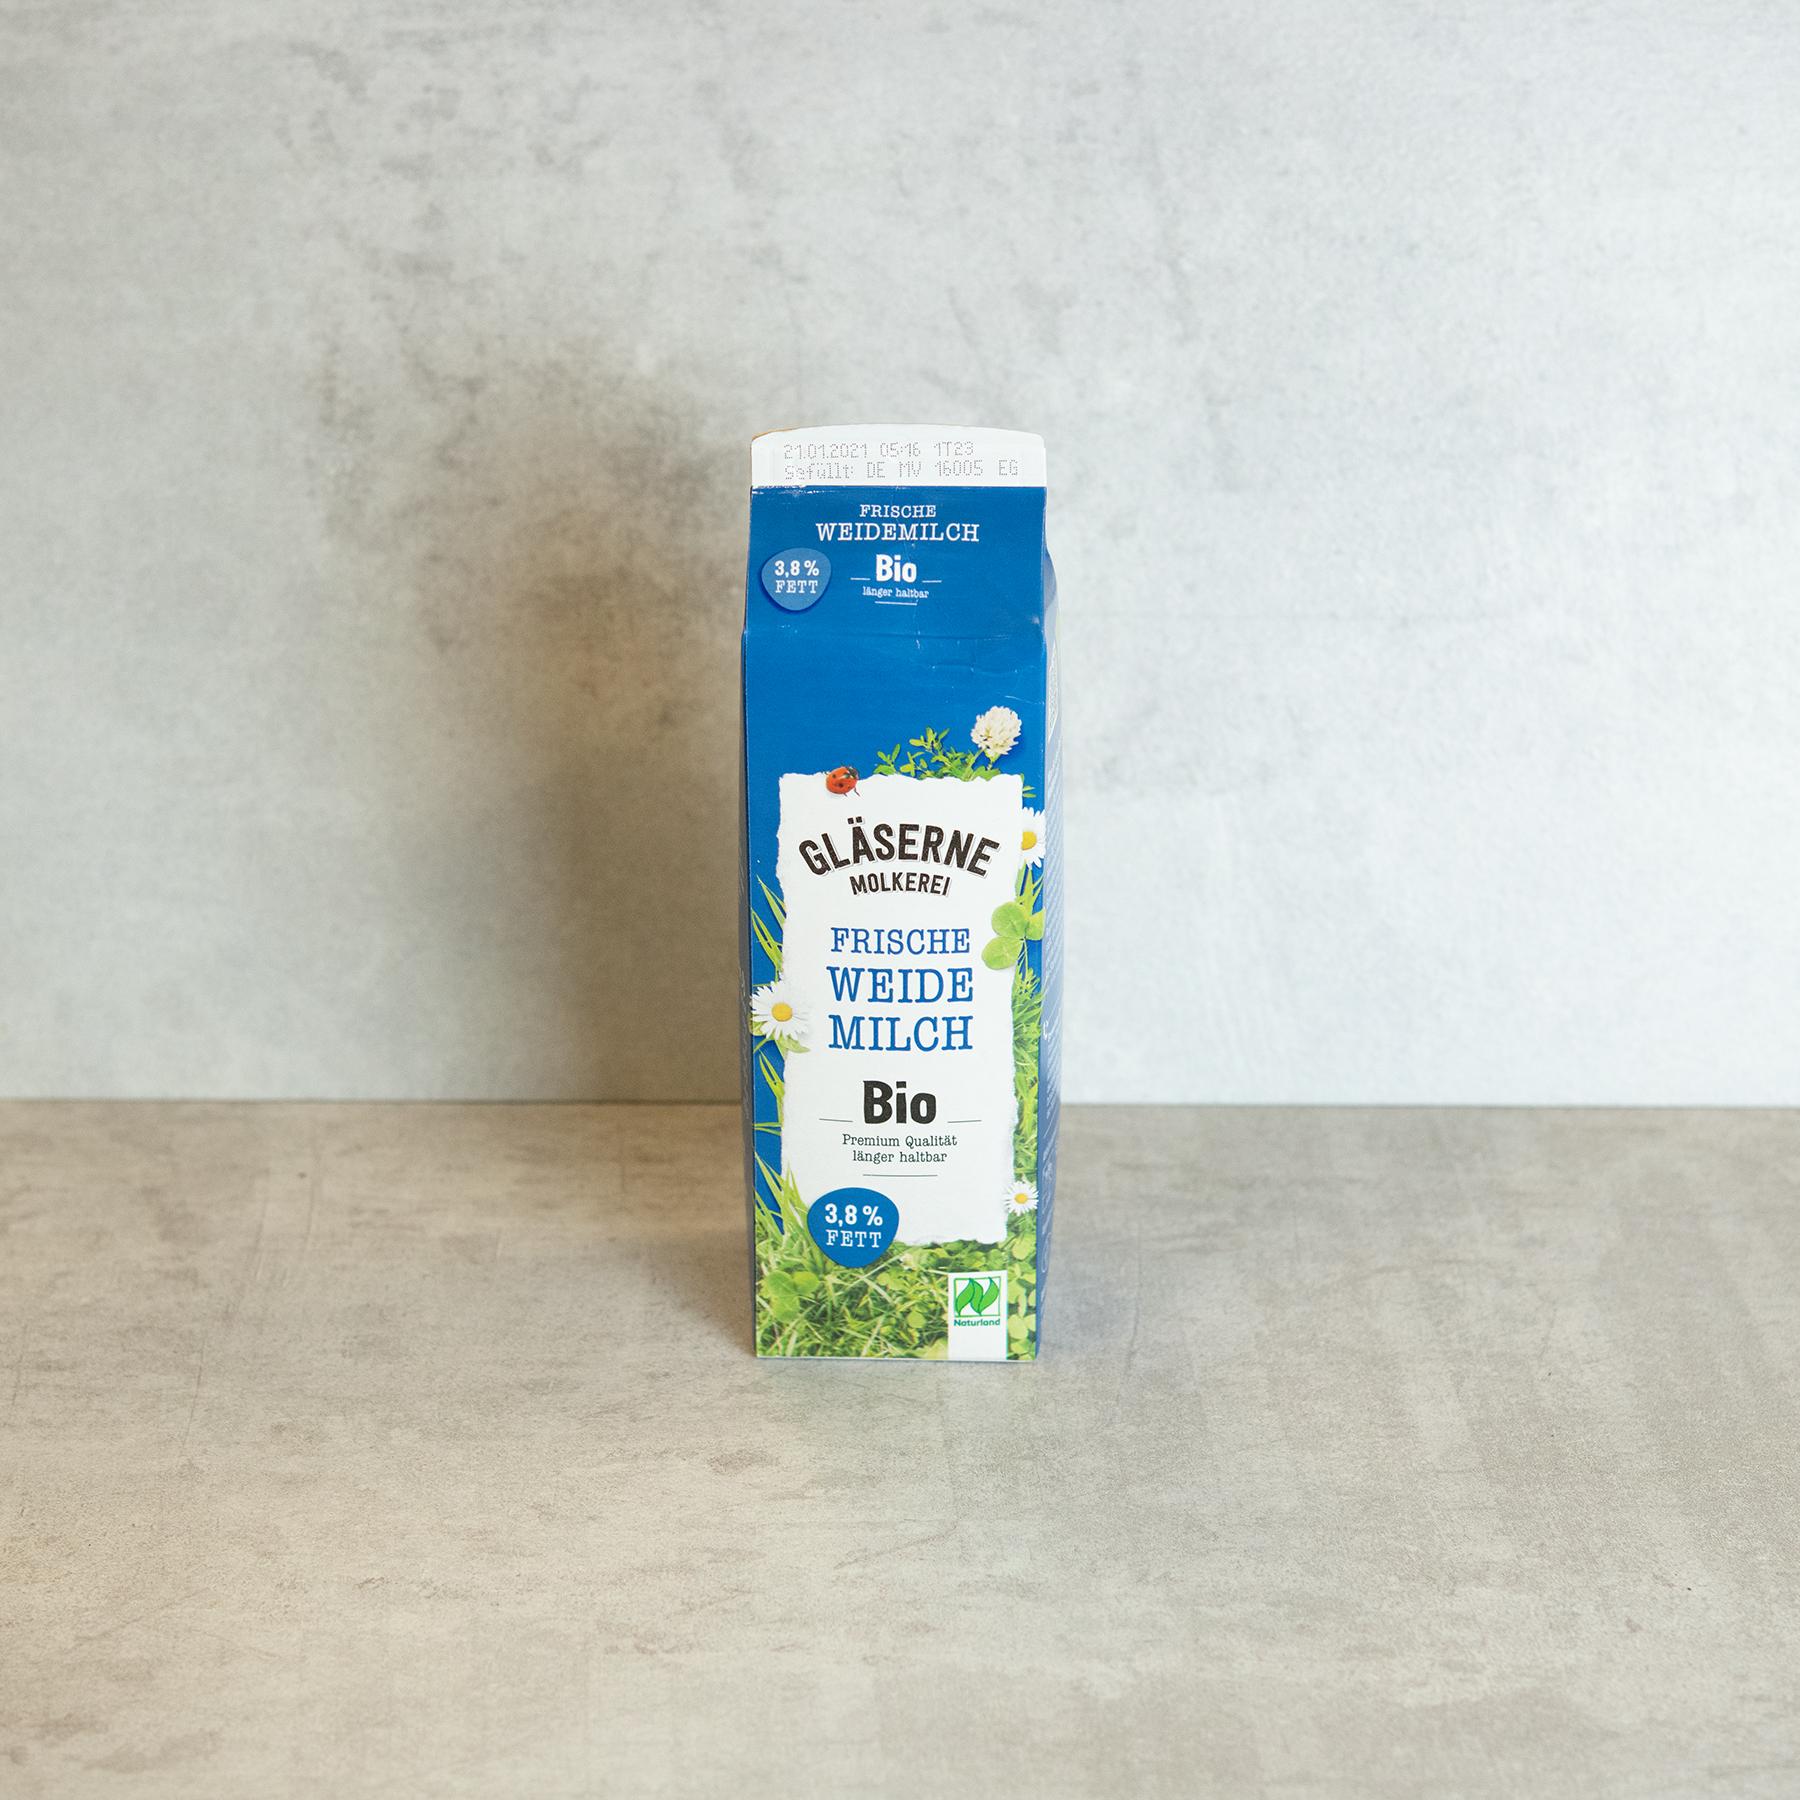 mh20-bio-weidemilch-10-liter-38--fett-pasteurisiert-markthalle20-1